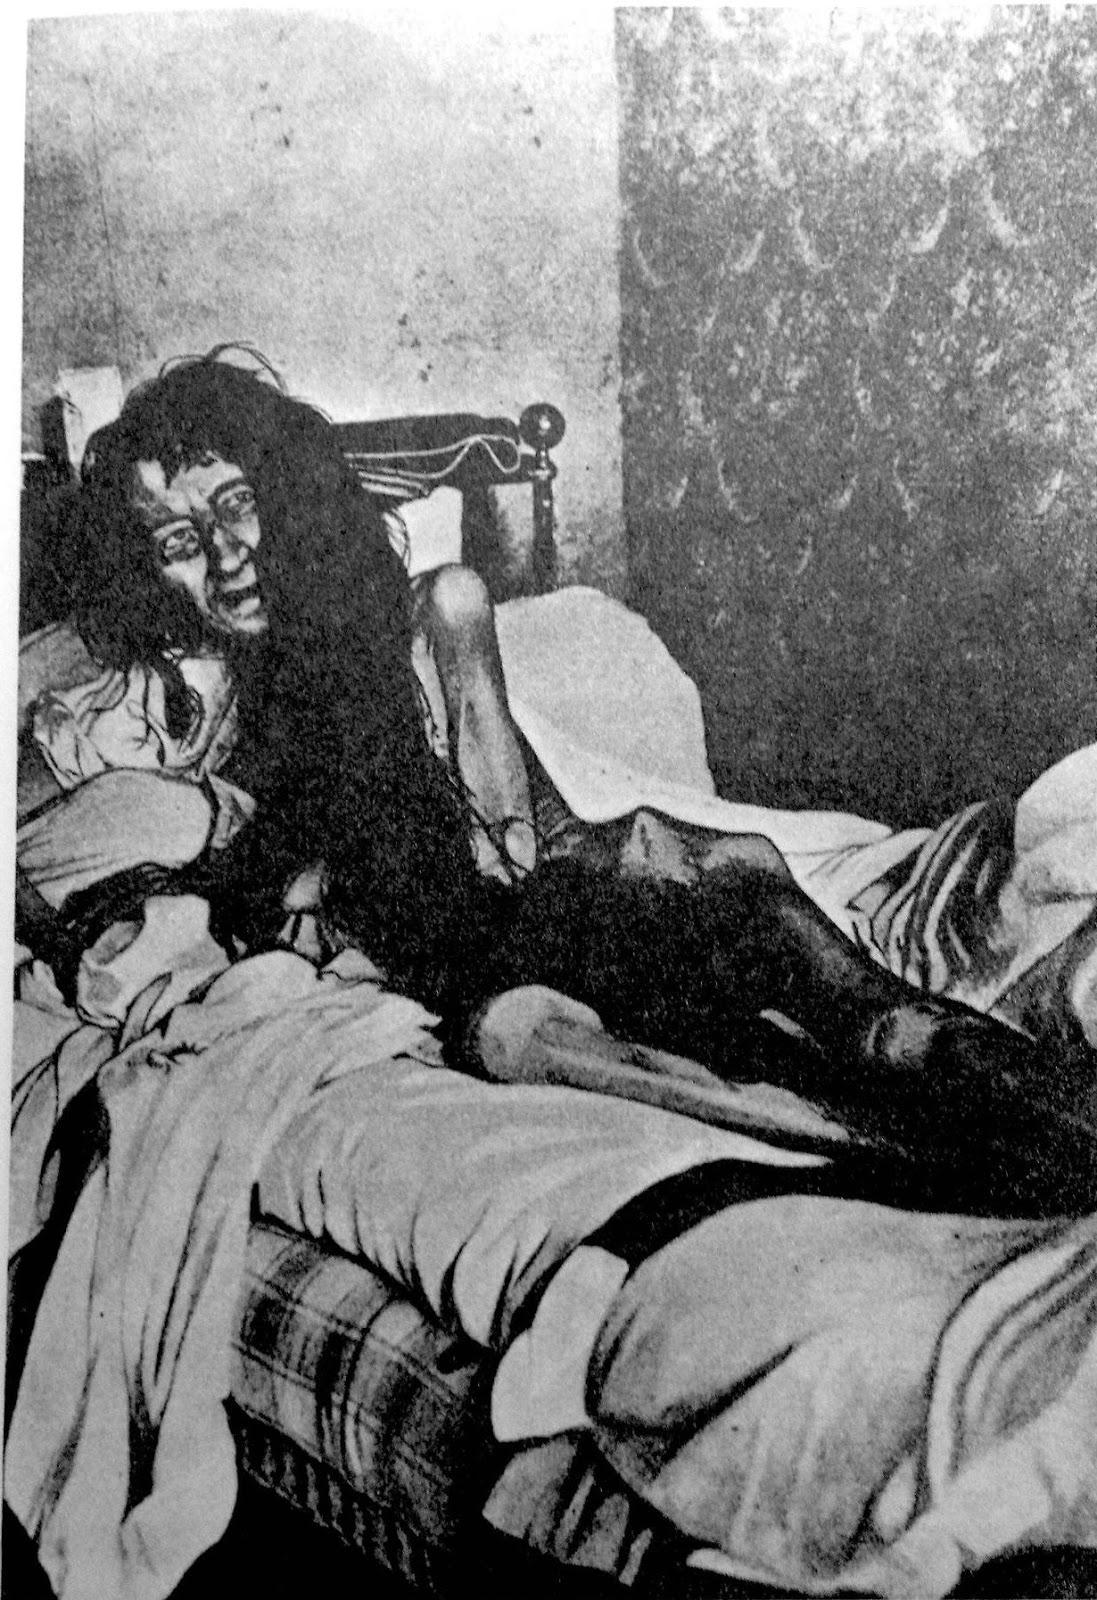 1901. Ez a megrázó felvétel Blanche Monnier-ről készült nem sokkal azután, hogy 25 éven keresztül saját családtagjai egy szobába zárva tartották fogságban..jpg